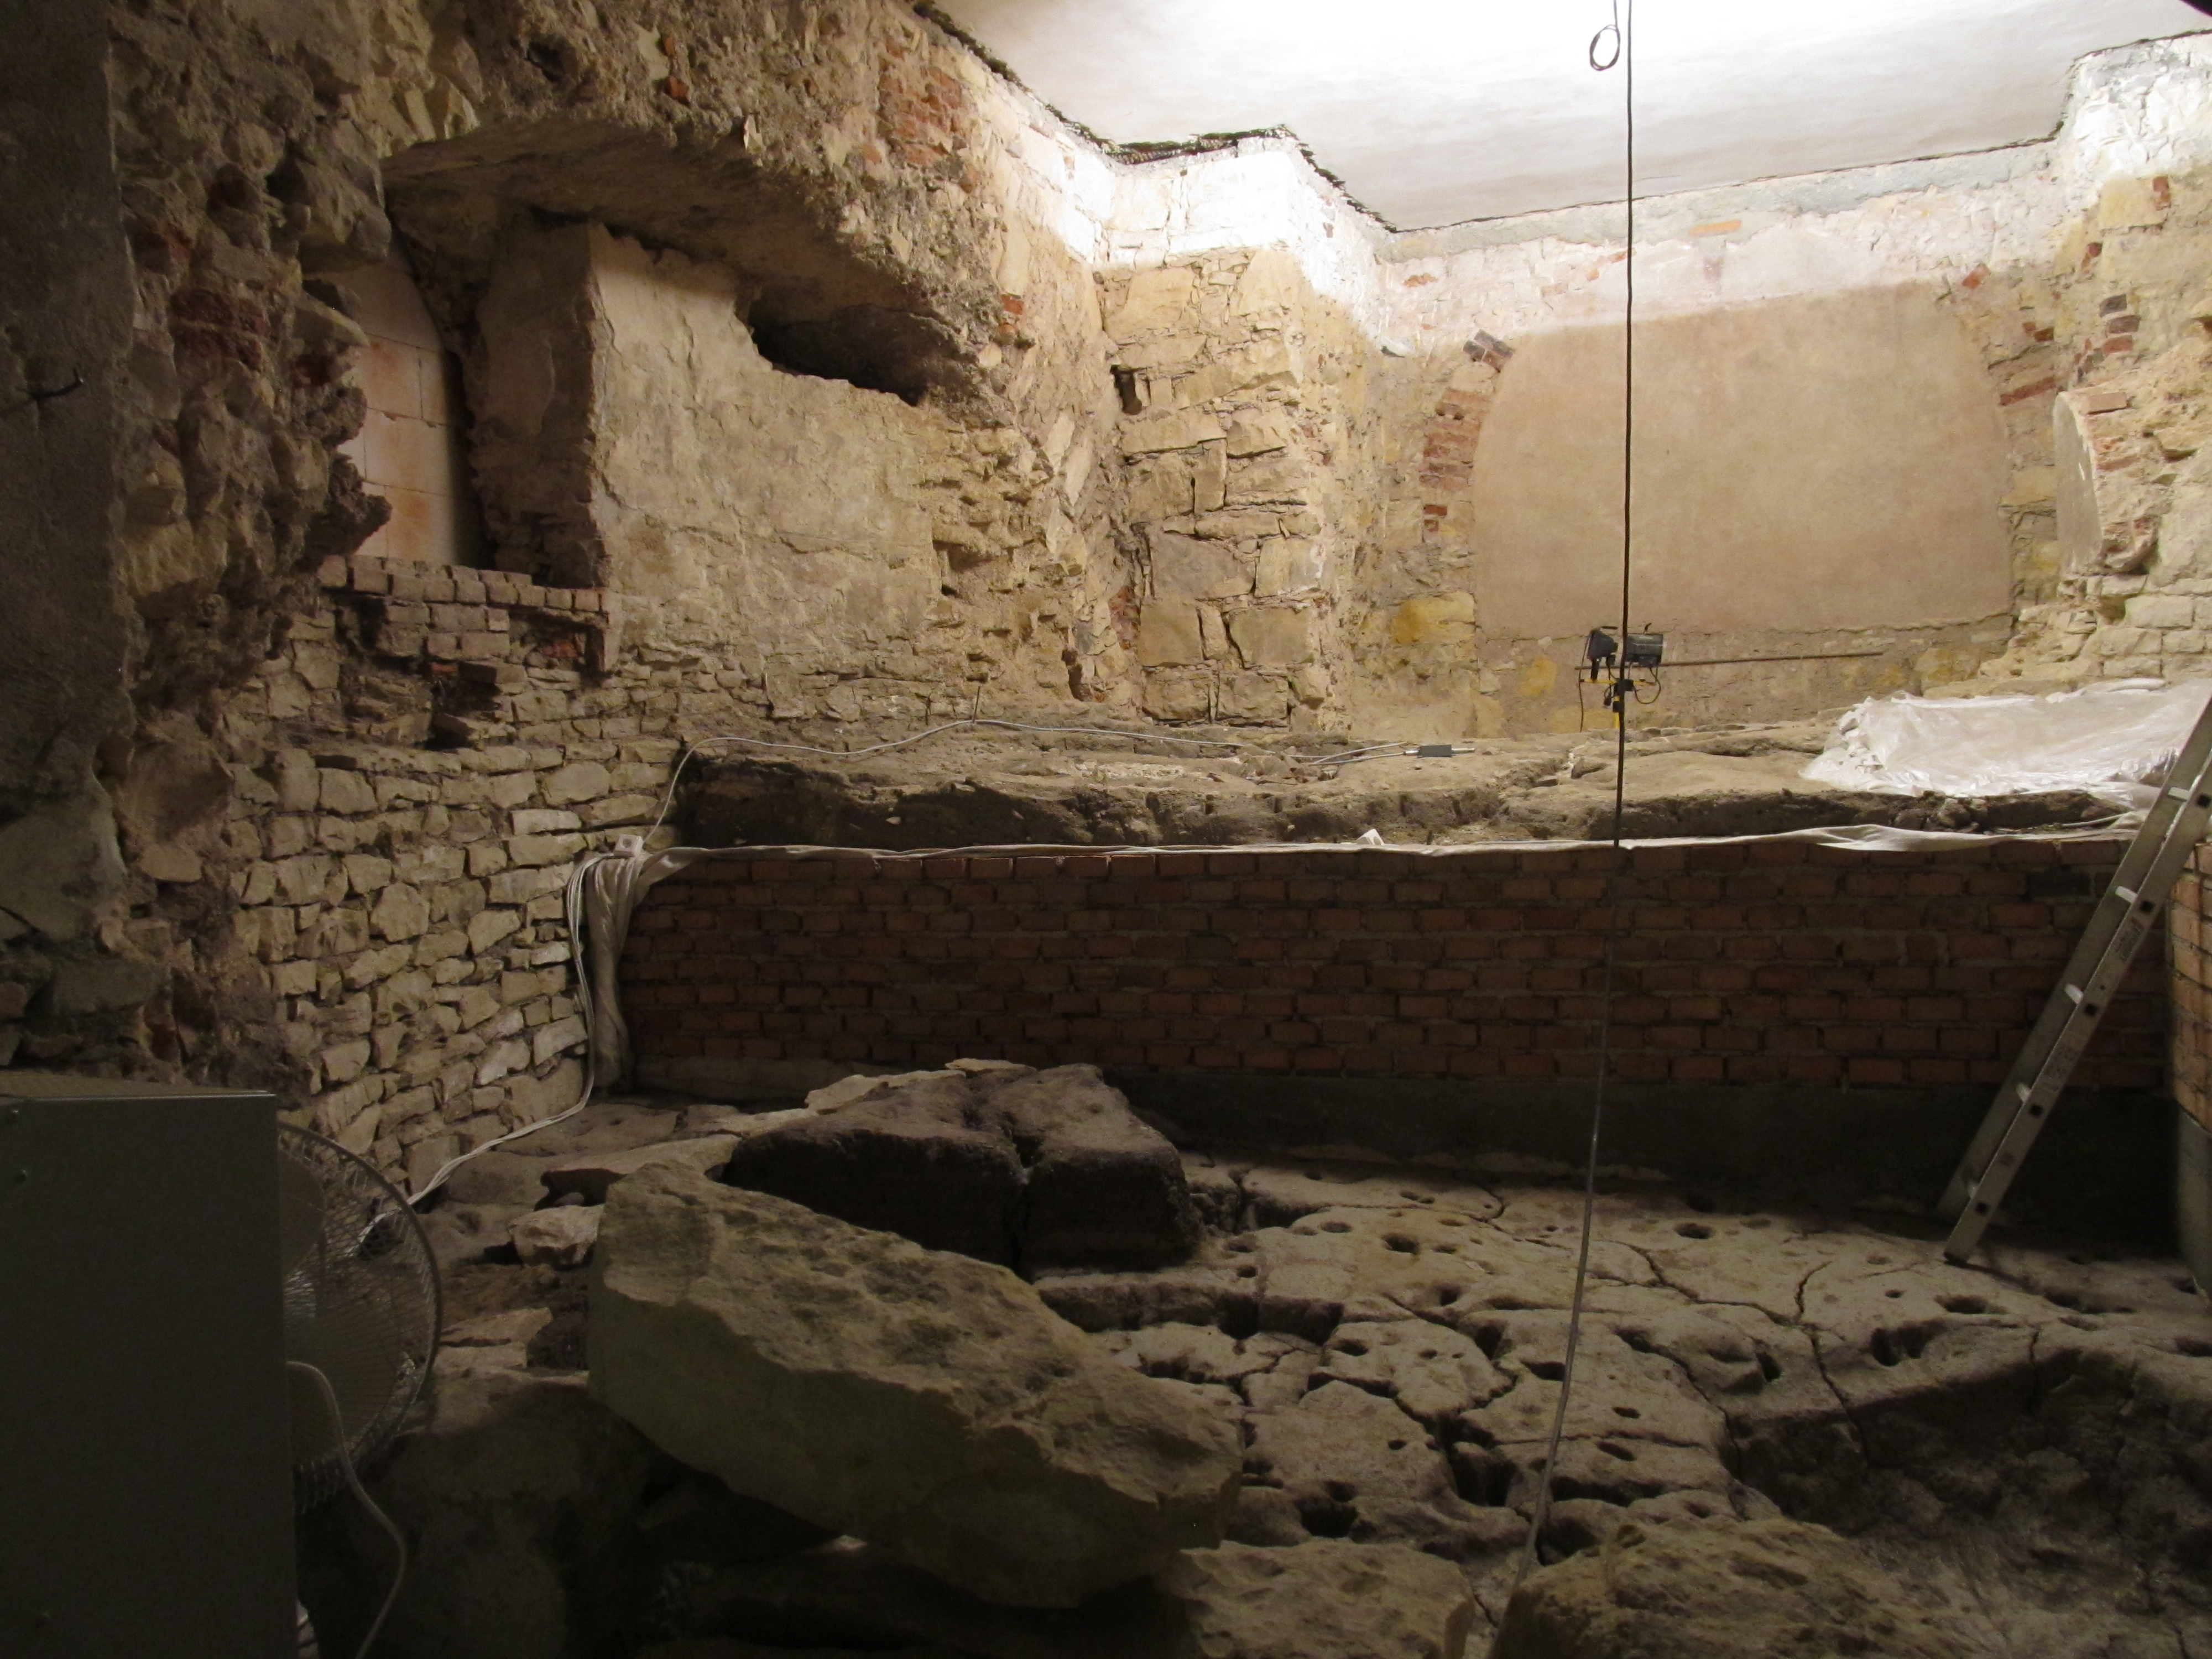 Kromě dlažby byla objeveny i zbytky dřevěné cesty z počátku 9. století.